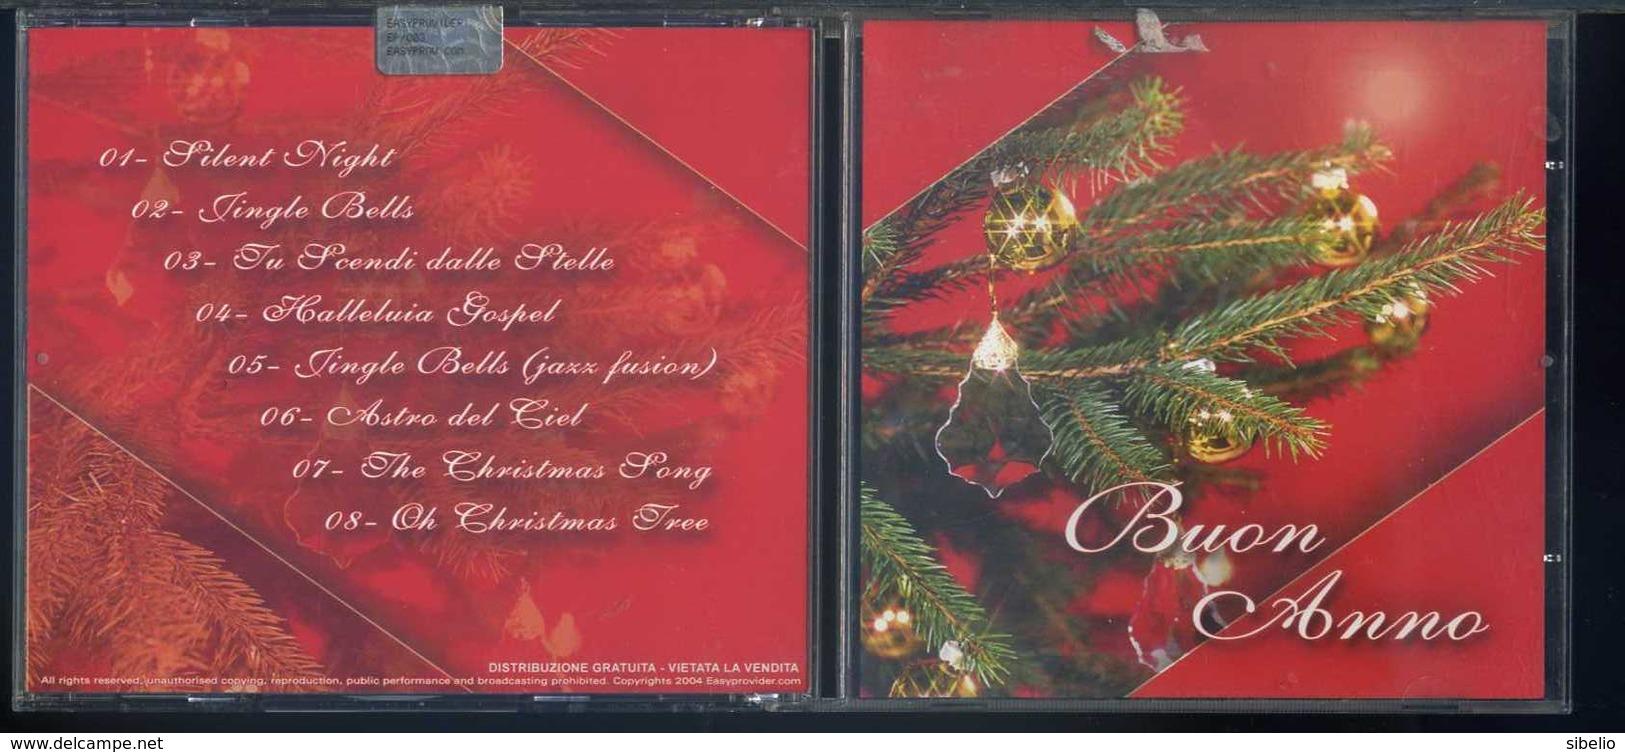 Buon Anno - 1CD - Weihnachtslieder